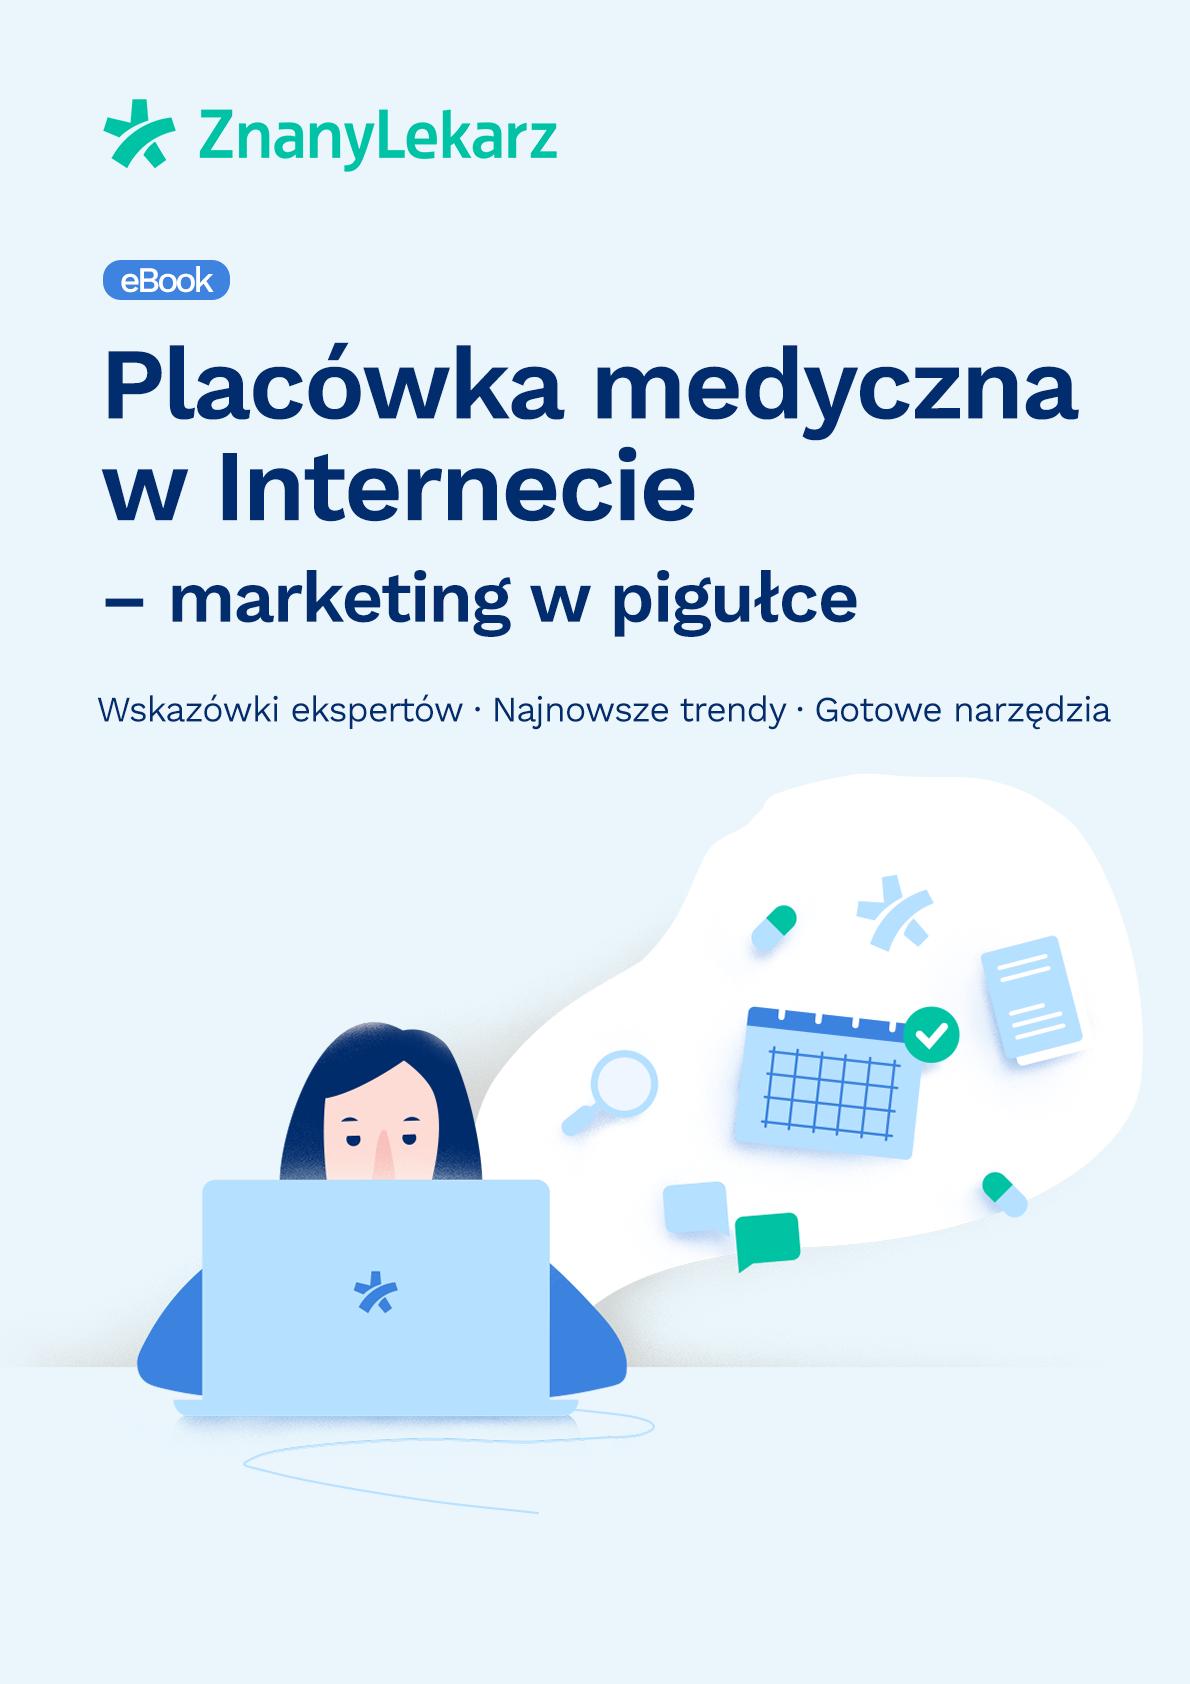 pl-ebook-cover-placowka-medyczna-w-internecie-marketing-w-pigulce